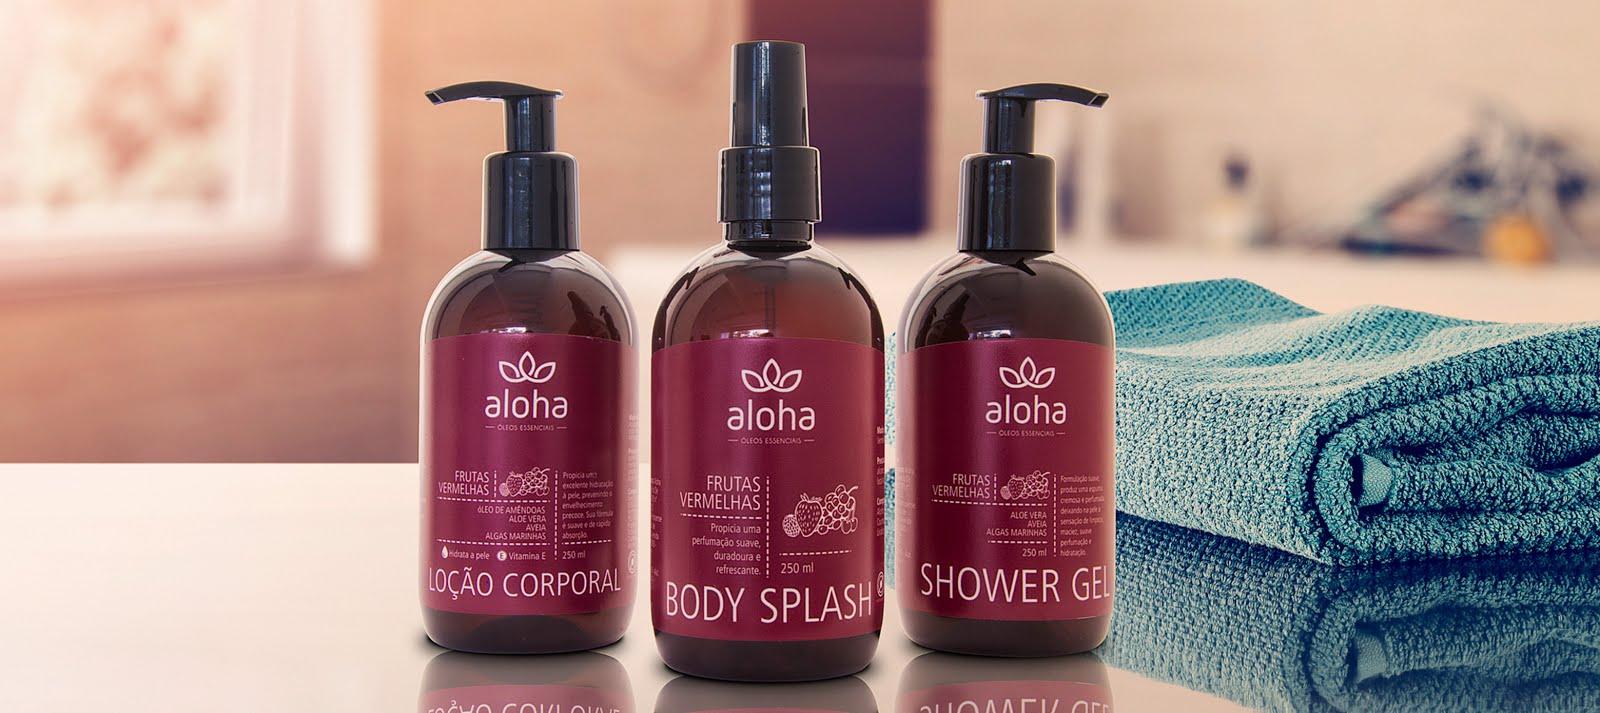 Compre seus produtos Aloha aqui!